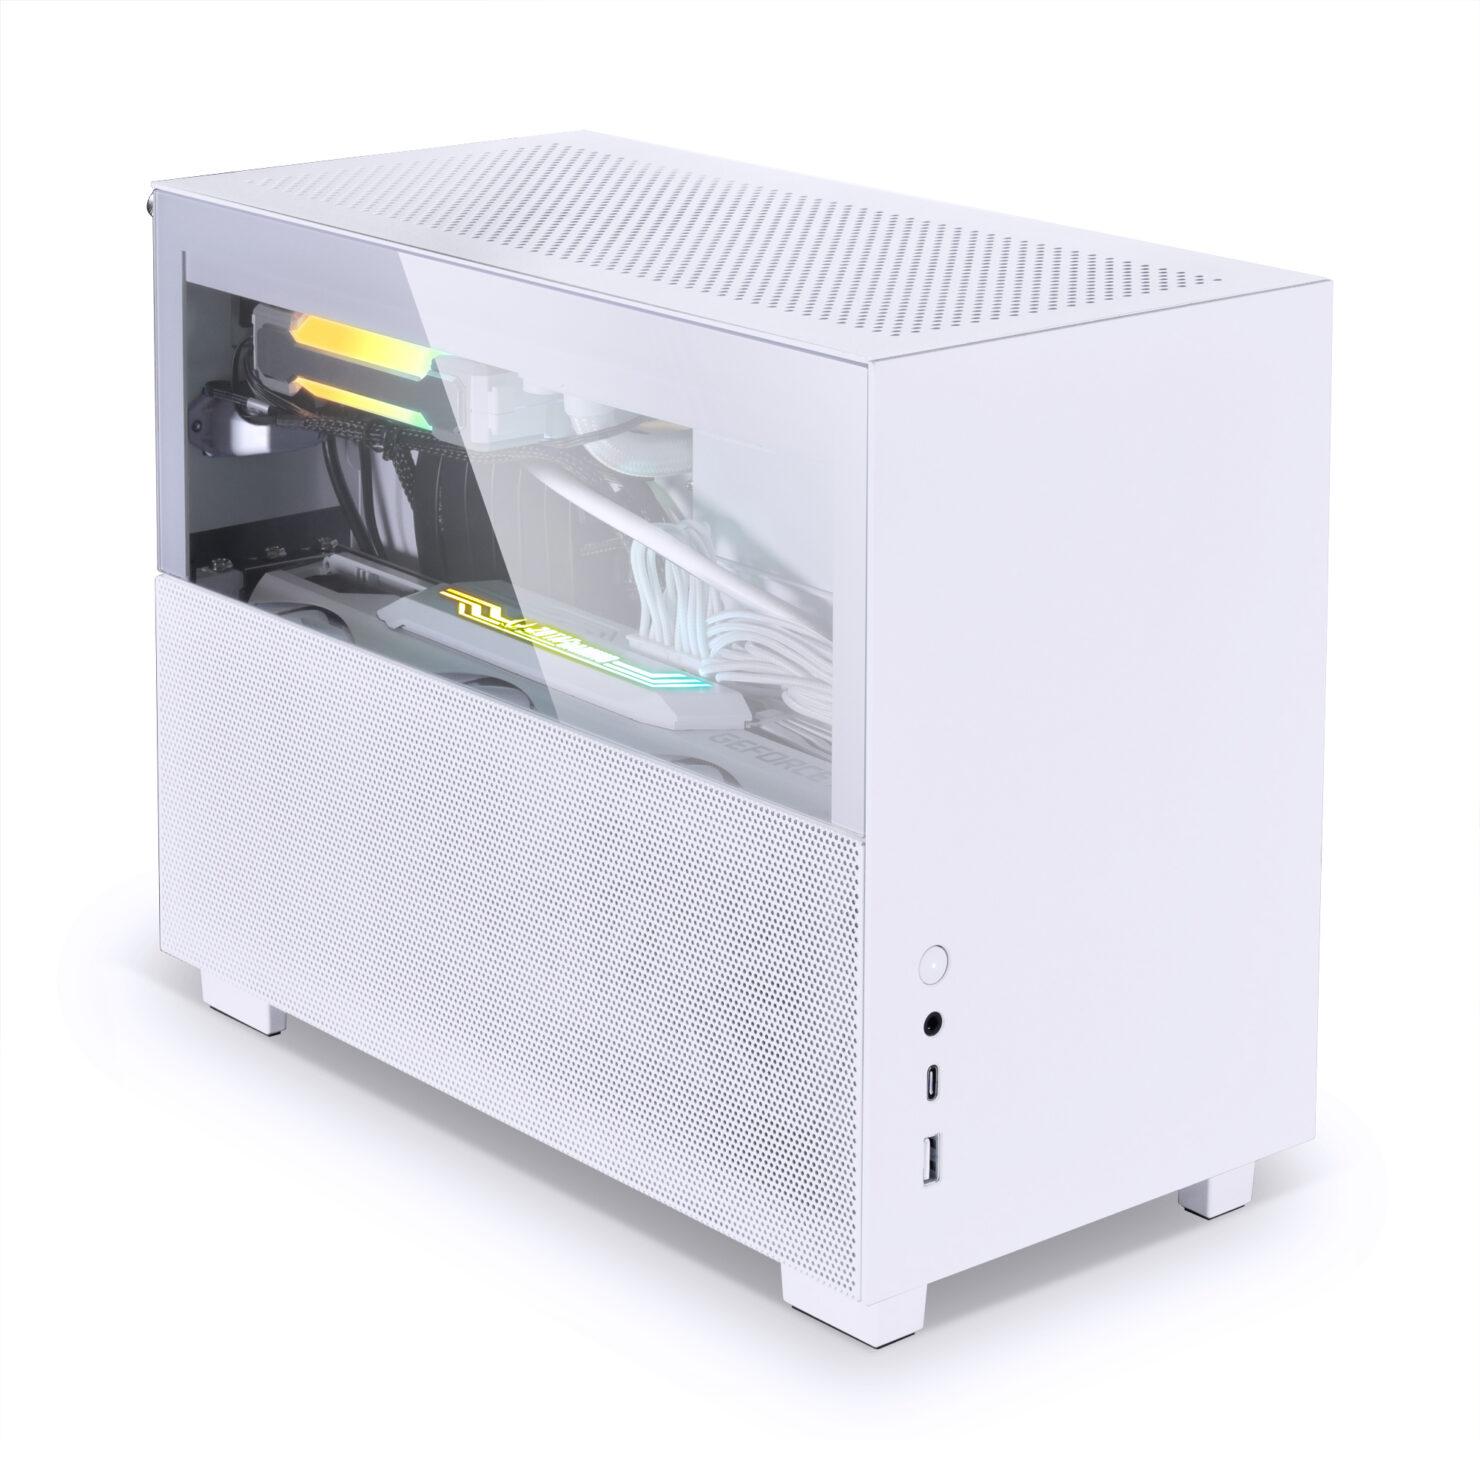 q58-white-build-01